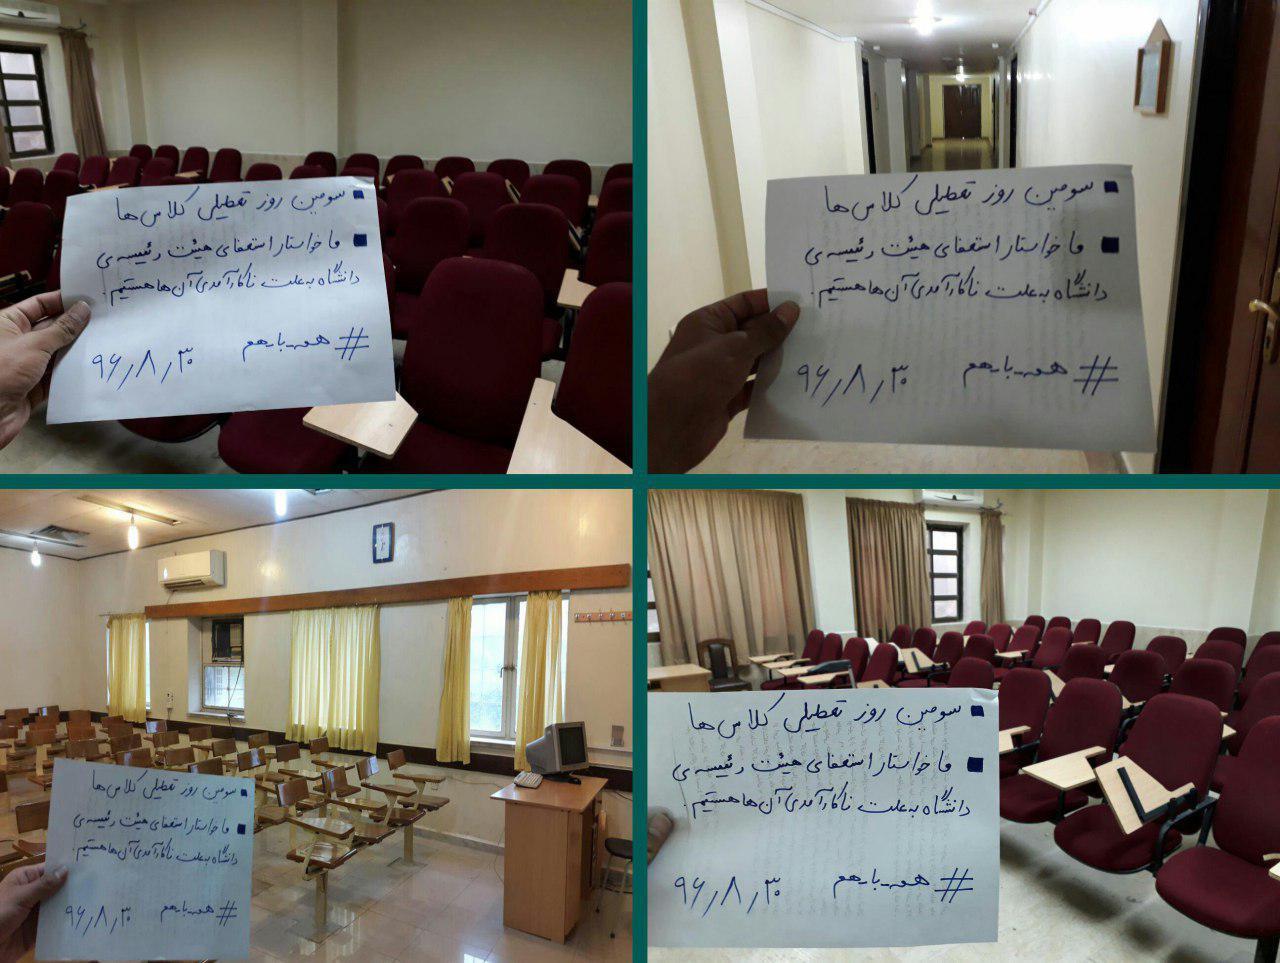 تجمع اعتراضی در تهران، اهواز، قزوین و4